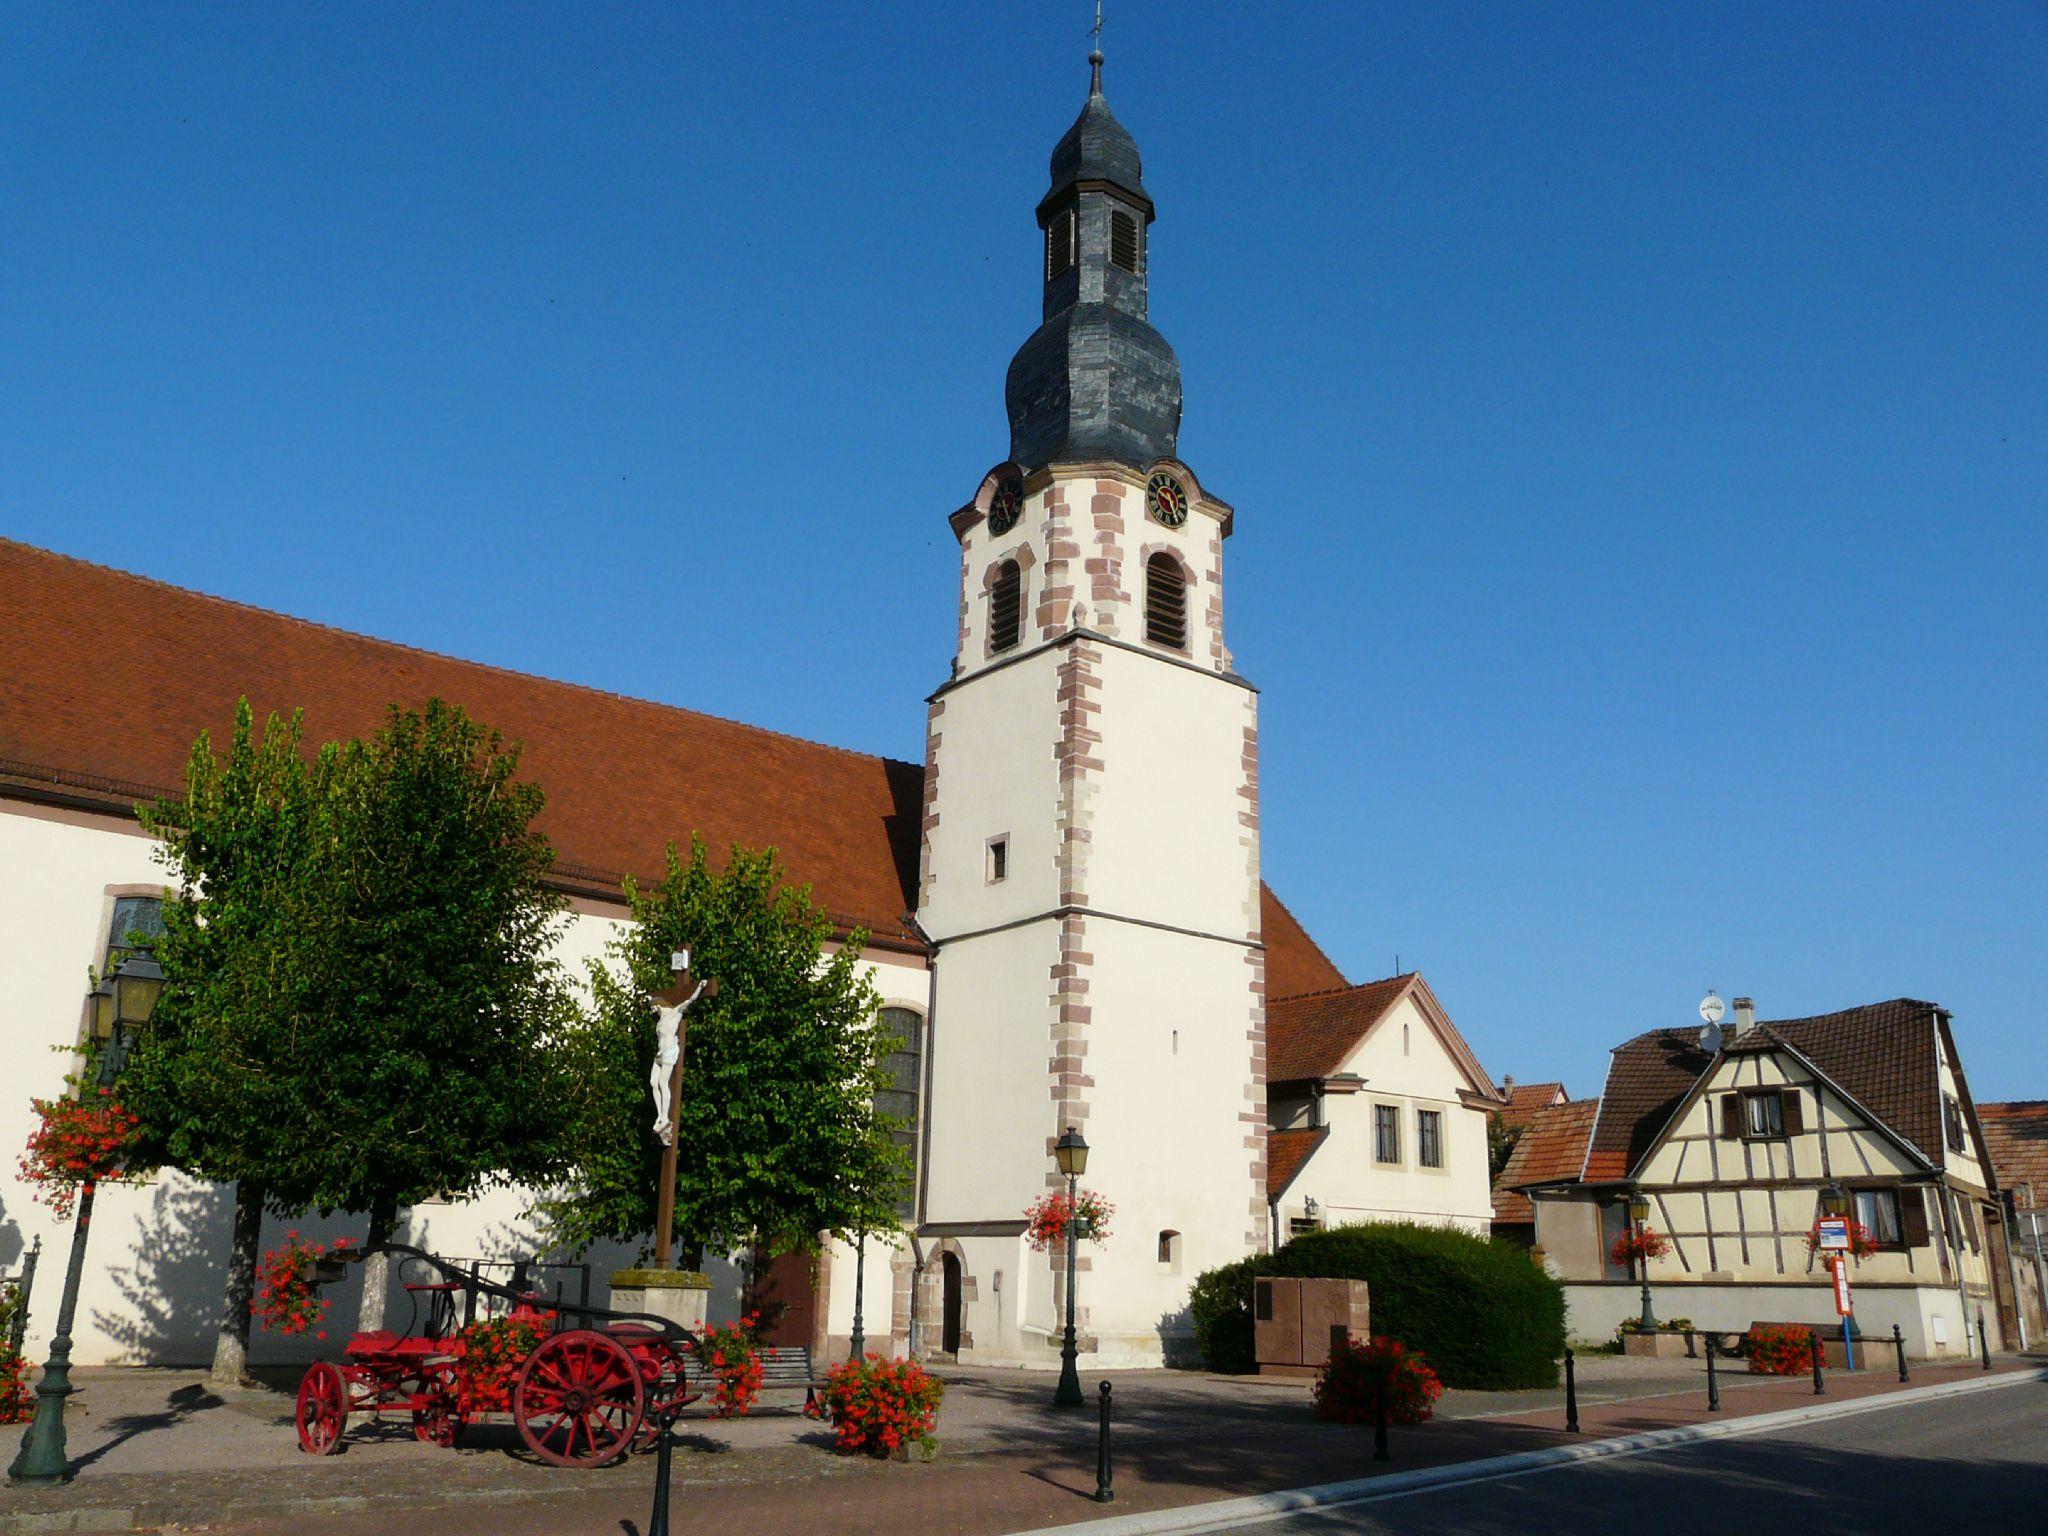 Ergersheim (6)